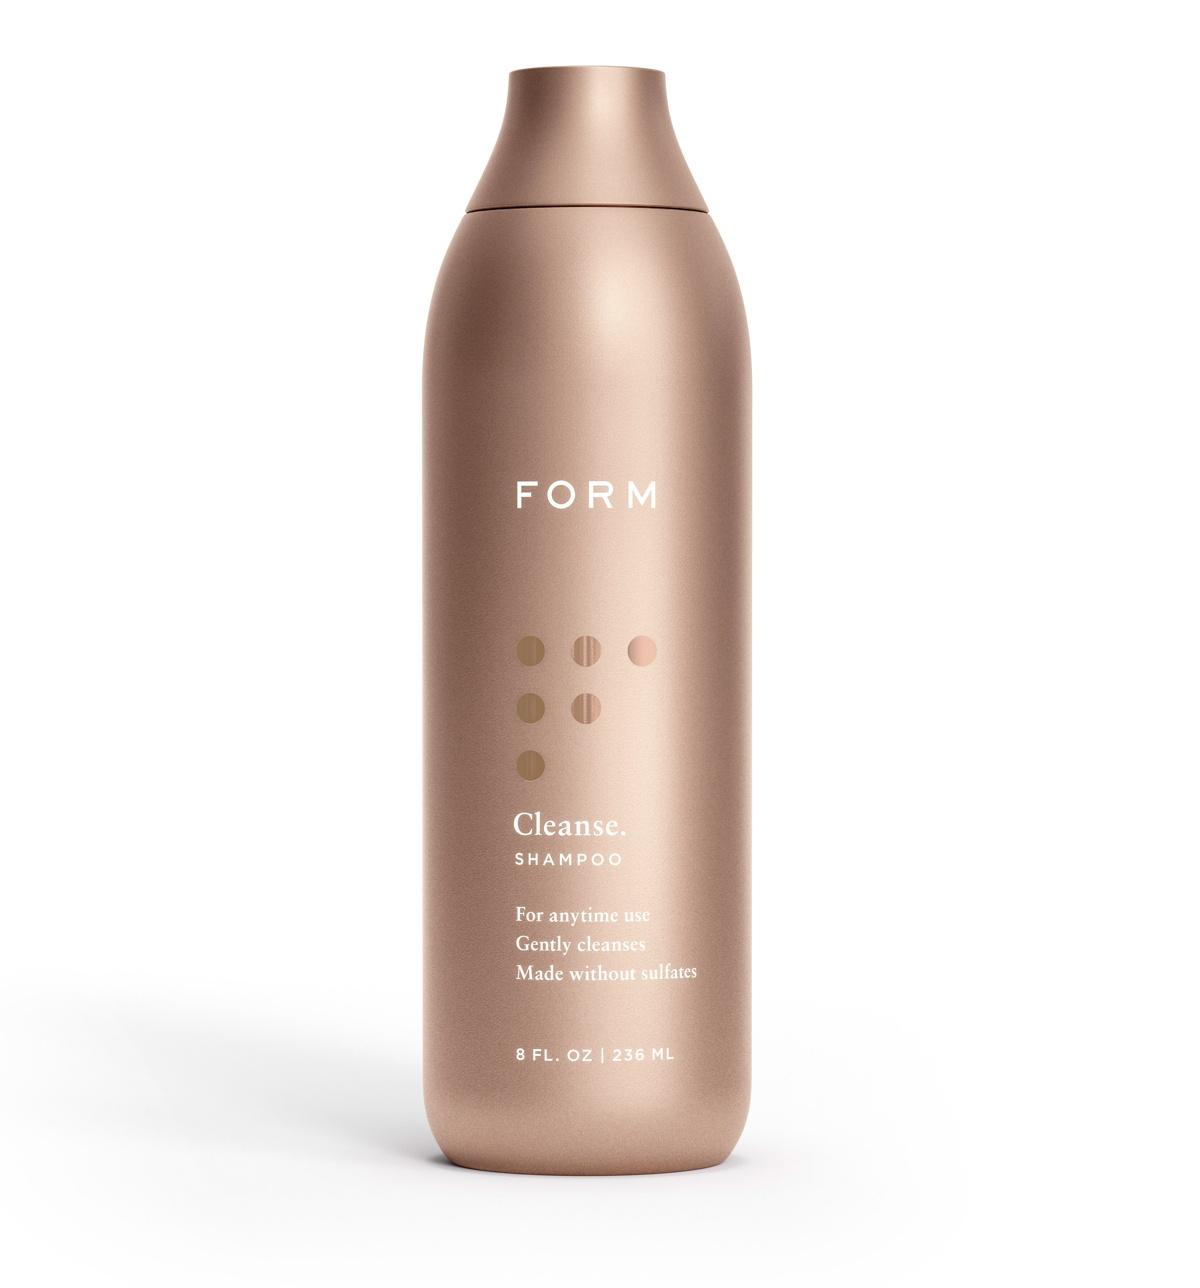 Form Cleanse Shampoo